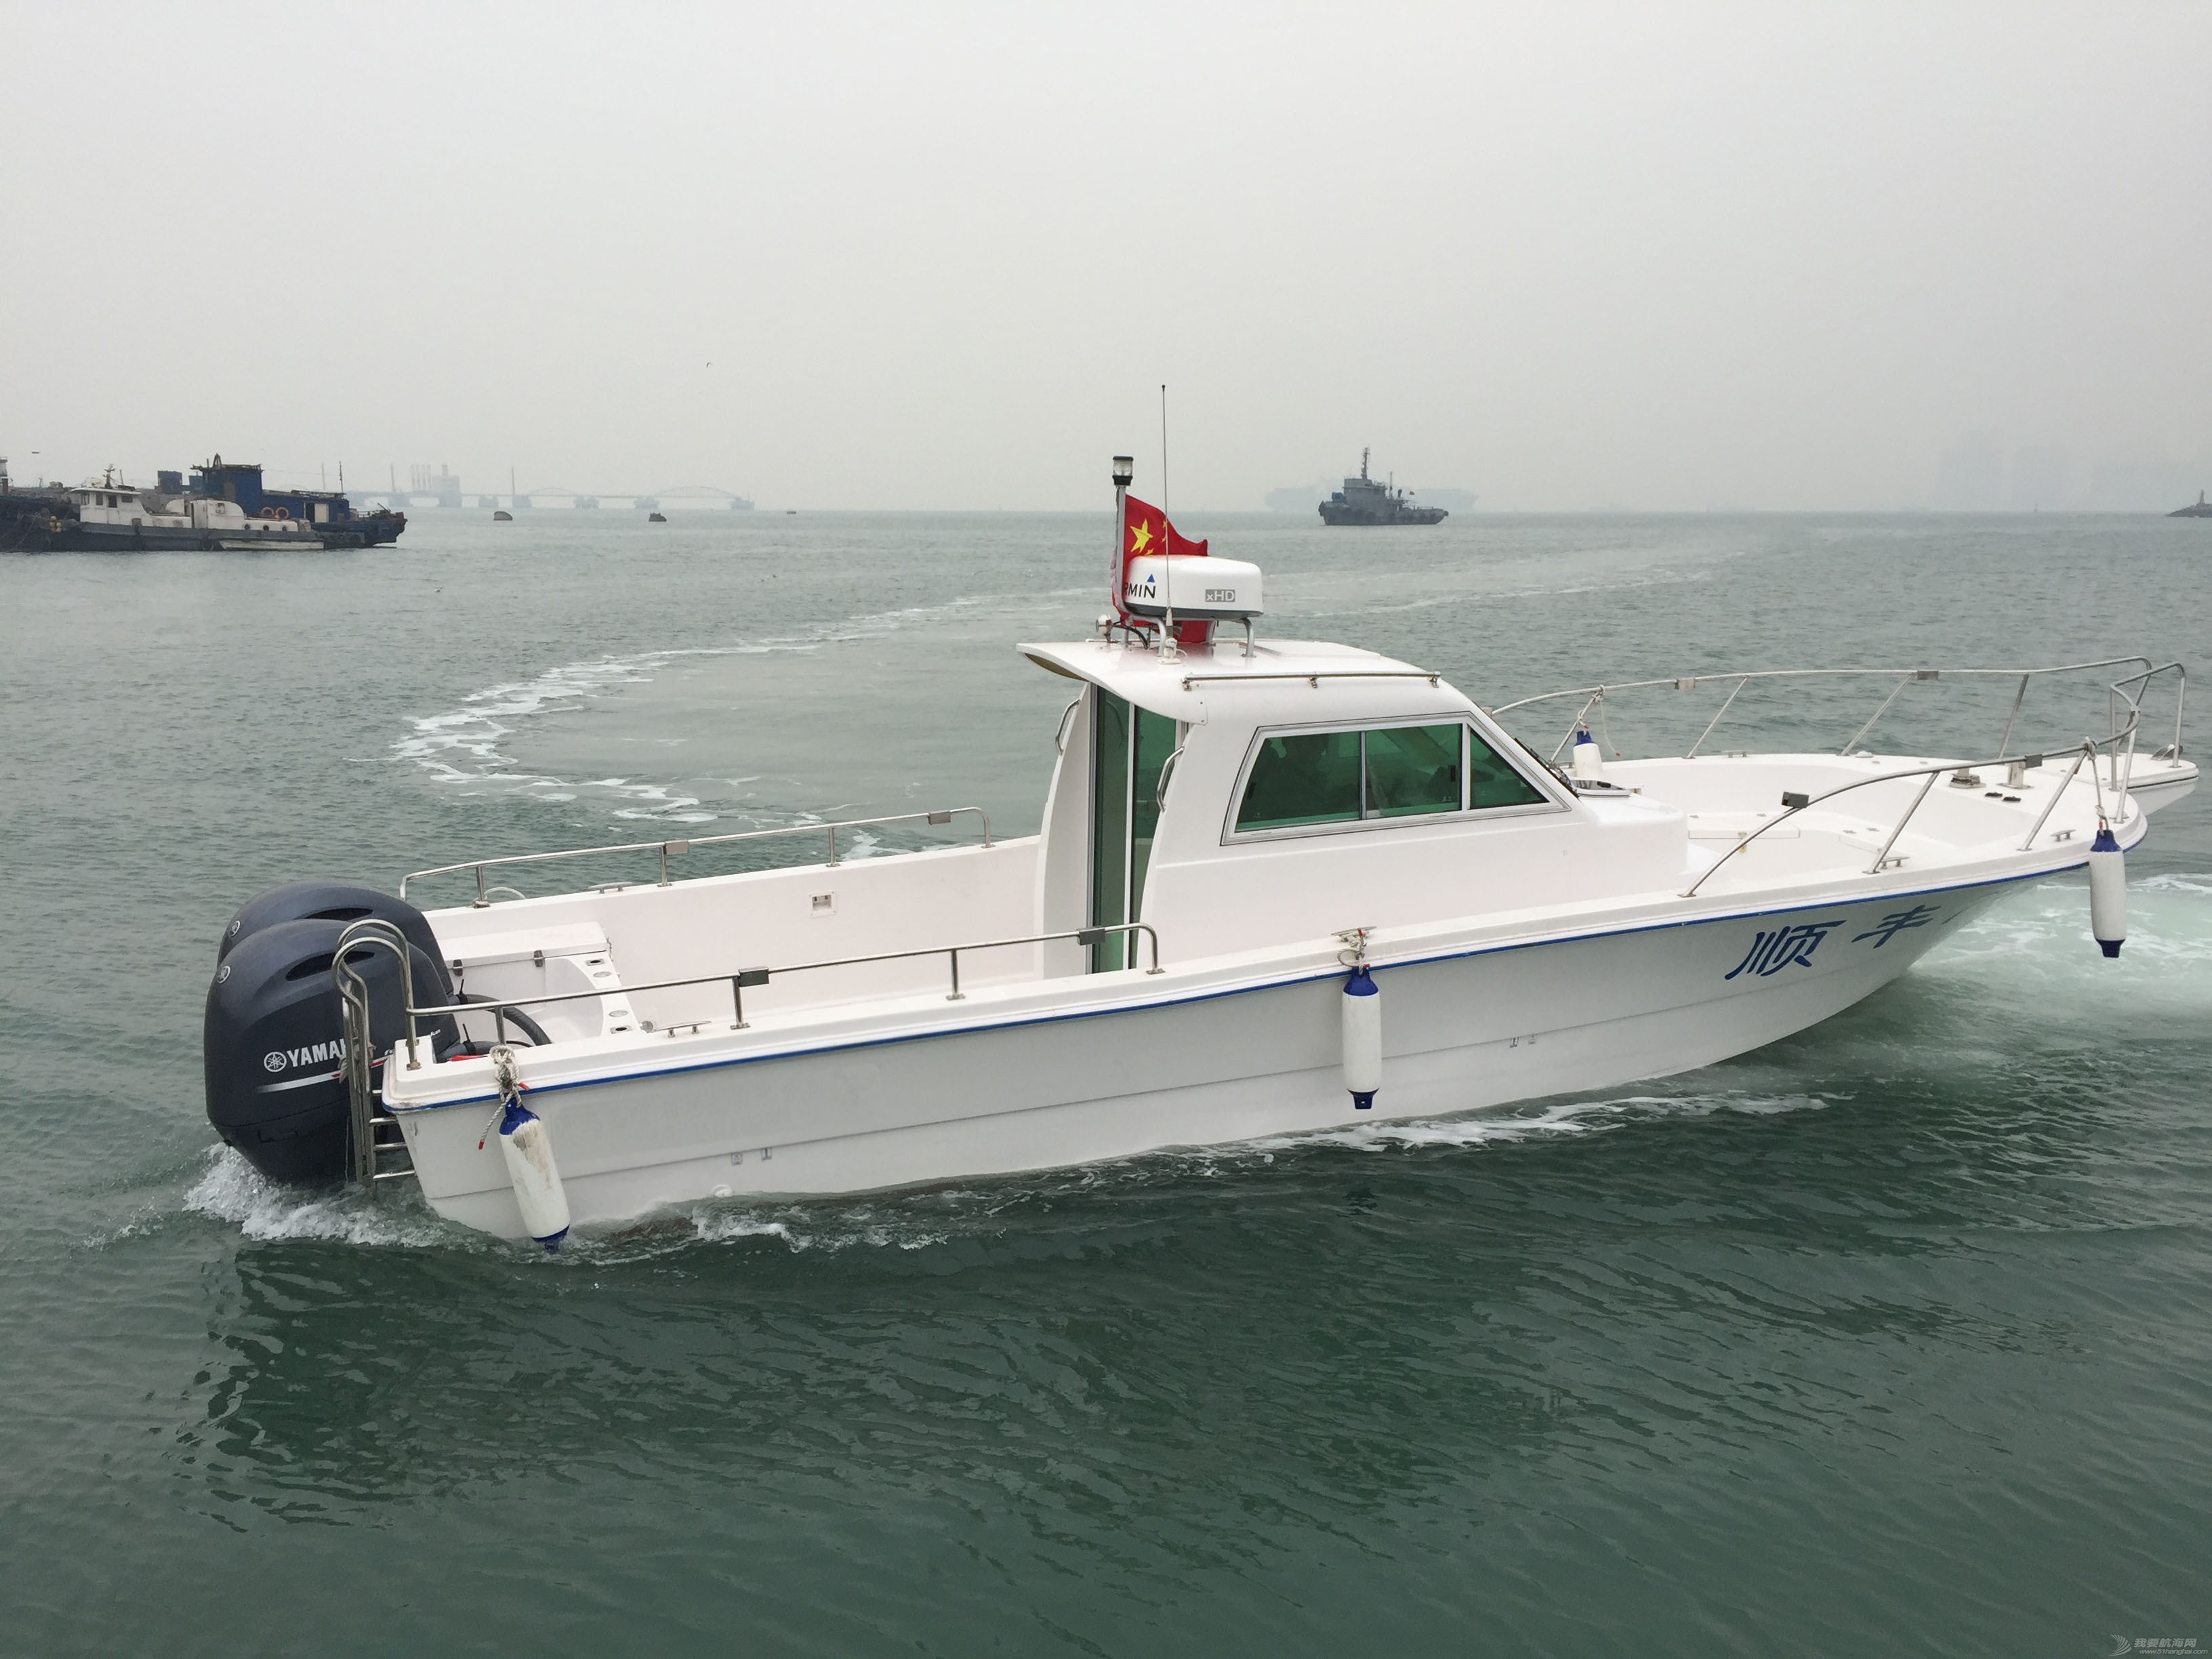 9.6米钓鱼艇 专为钓鱼而生